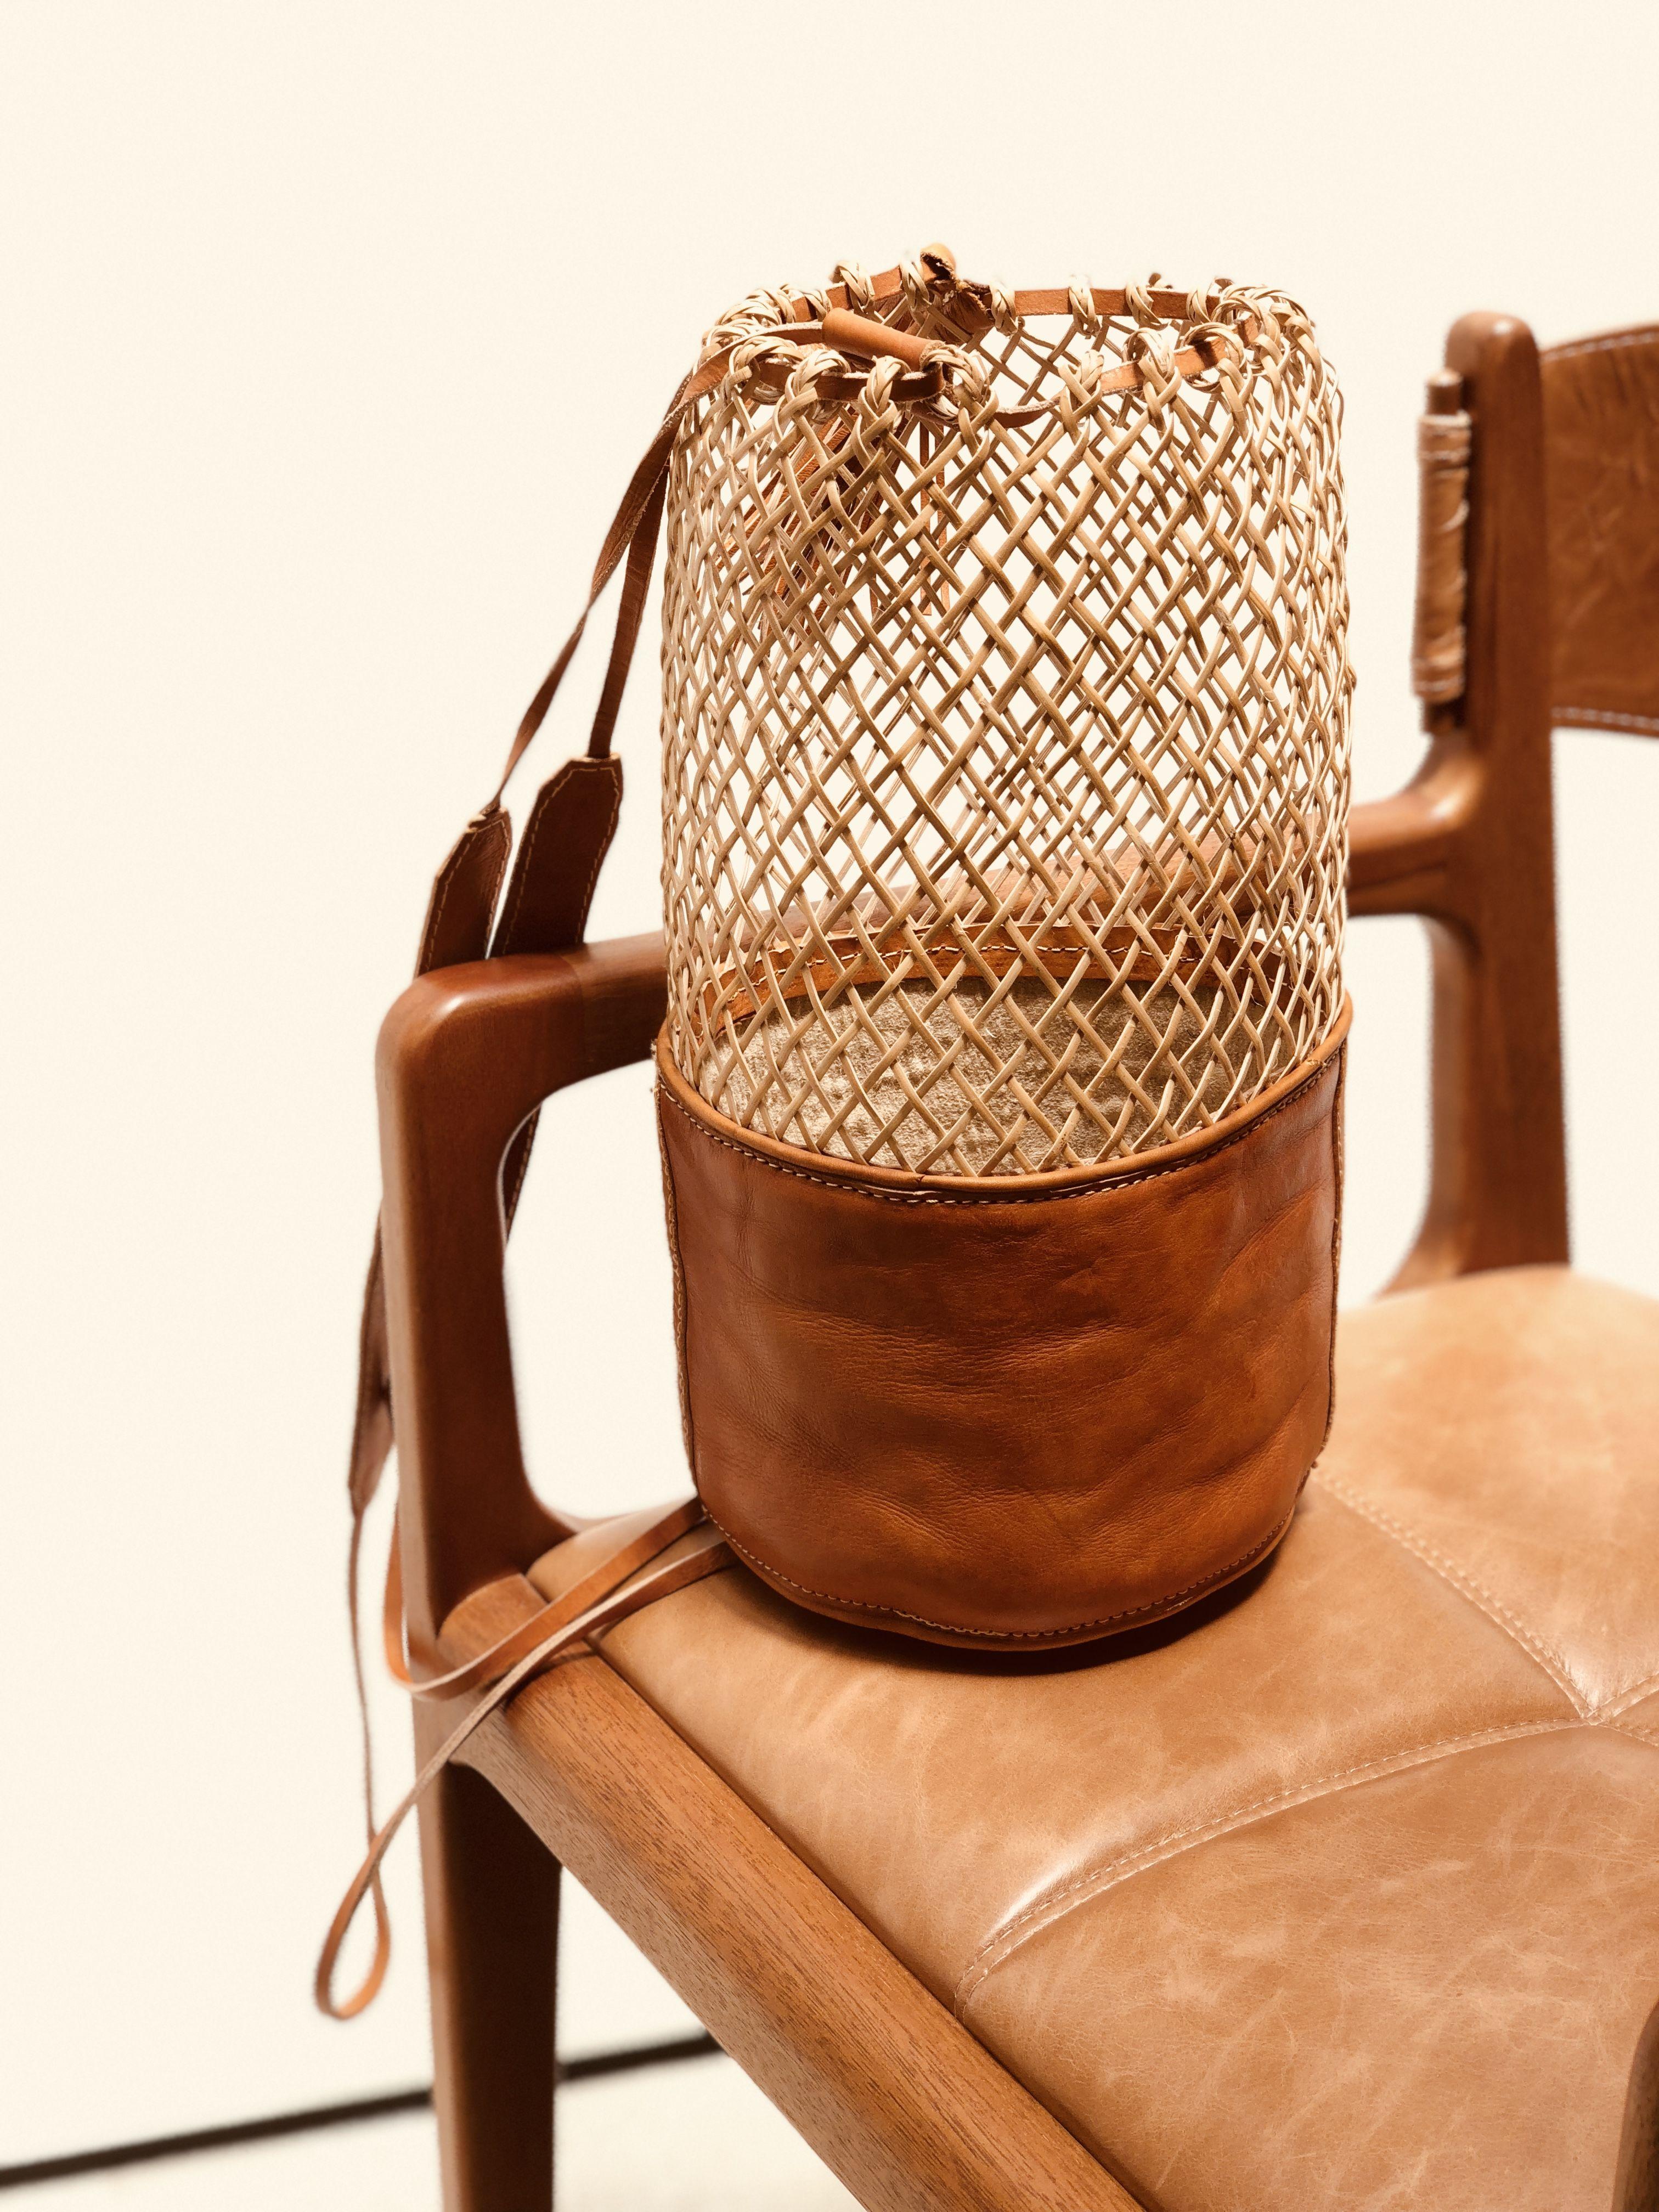 Bolsas de Bali – comprar aquí – bolsa redonda, bolsas de paja, bolsas de bali